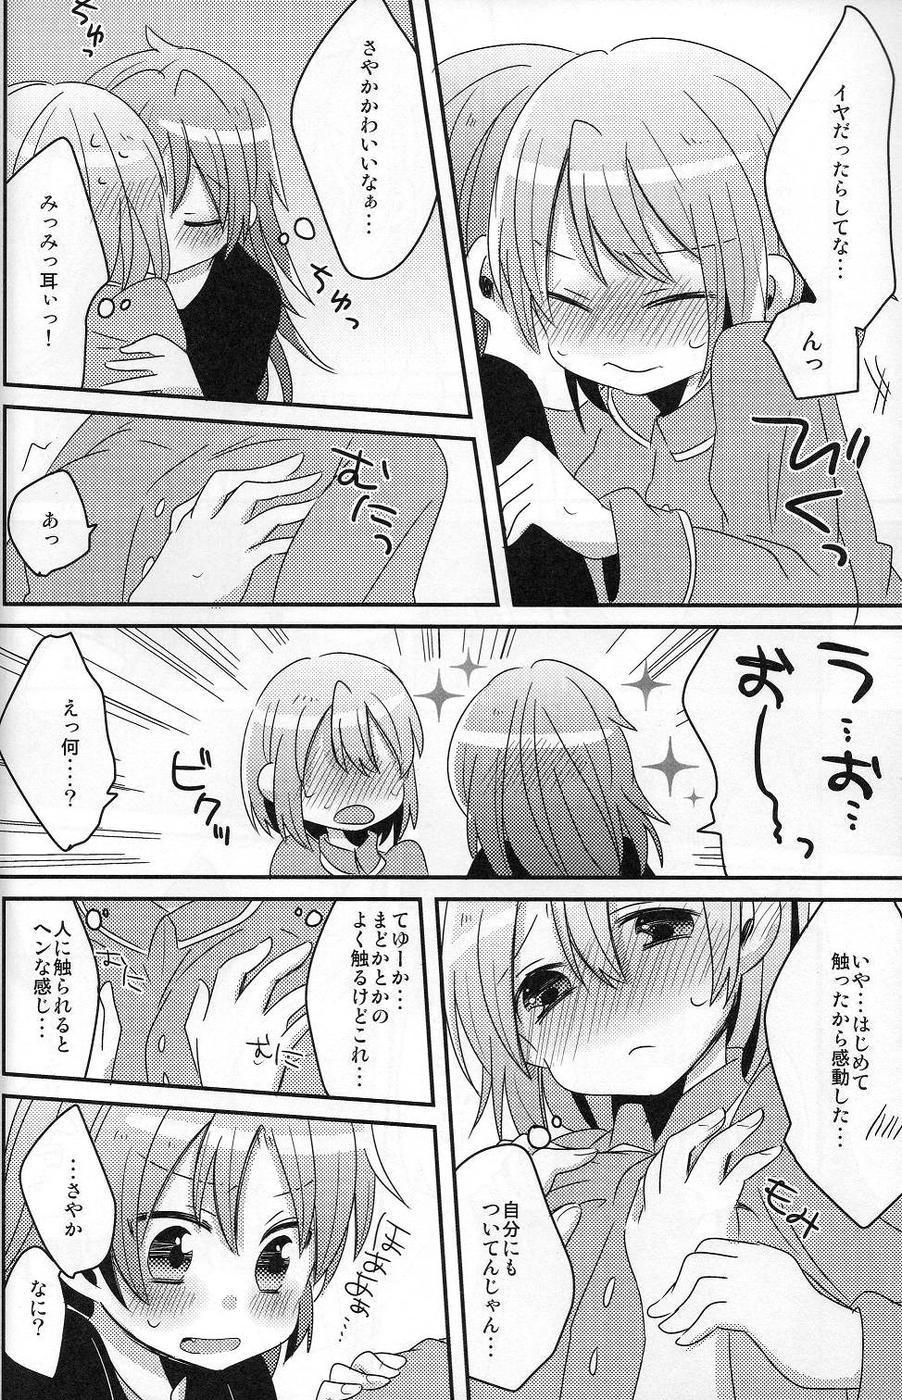 Hajimete no Koto 16